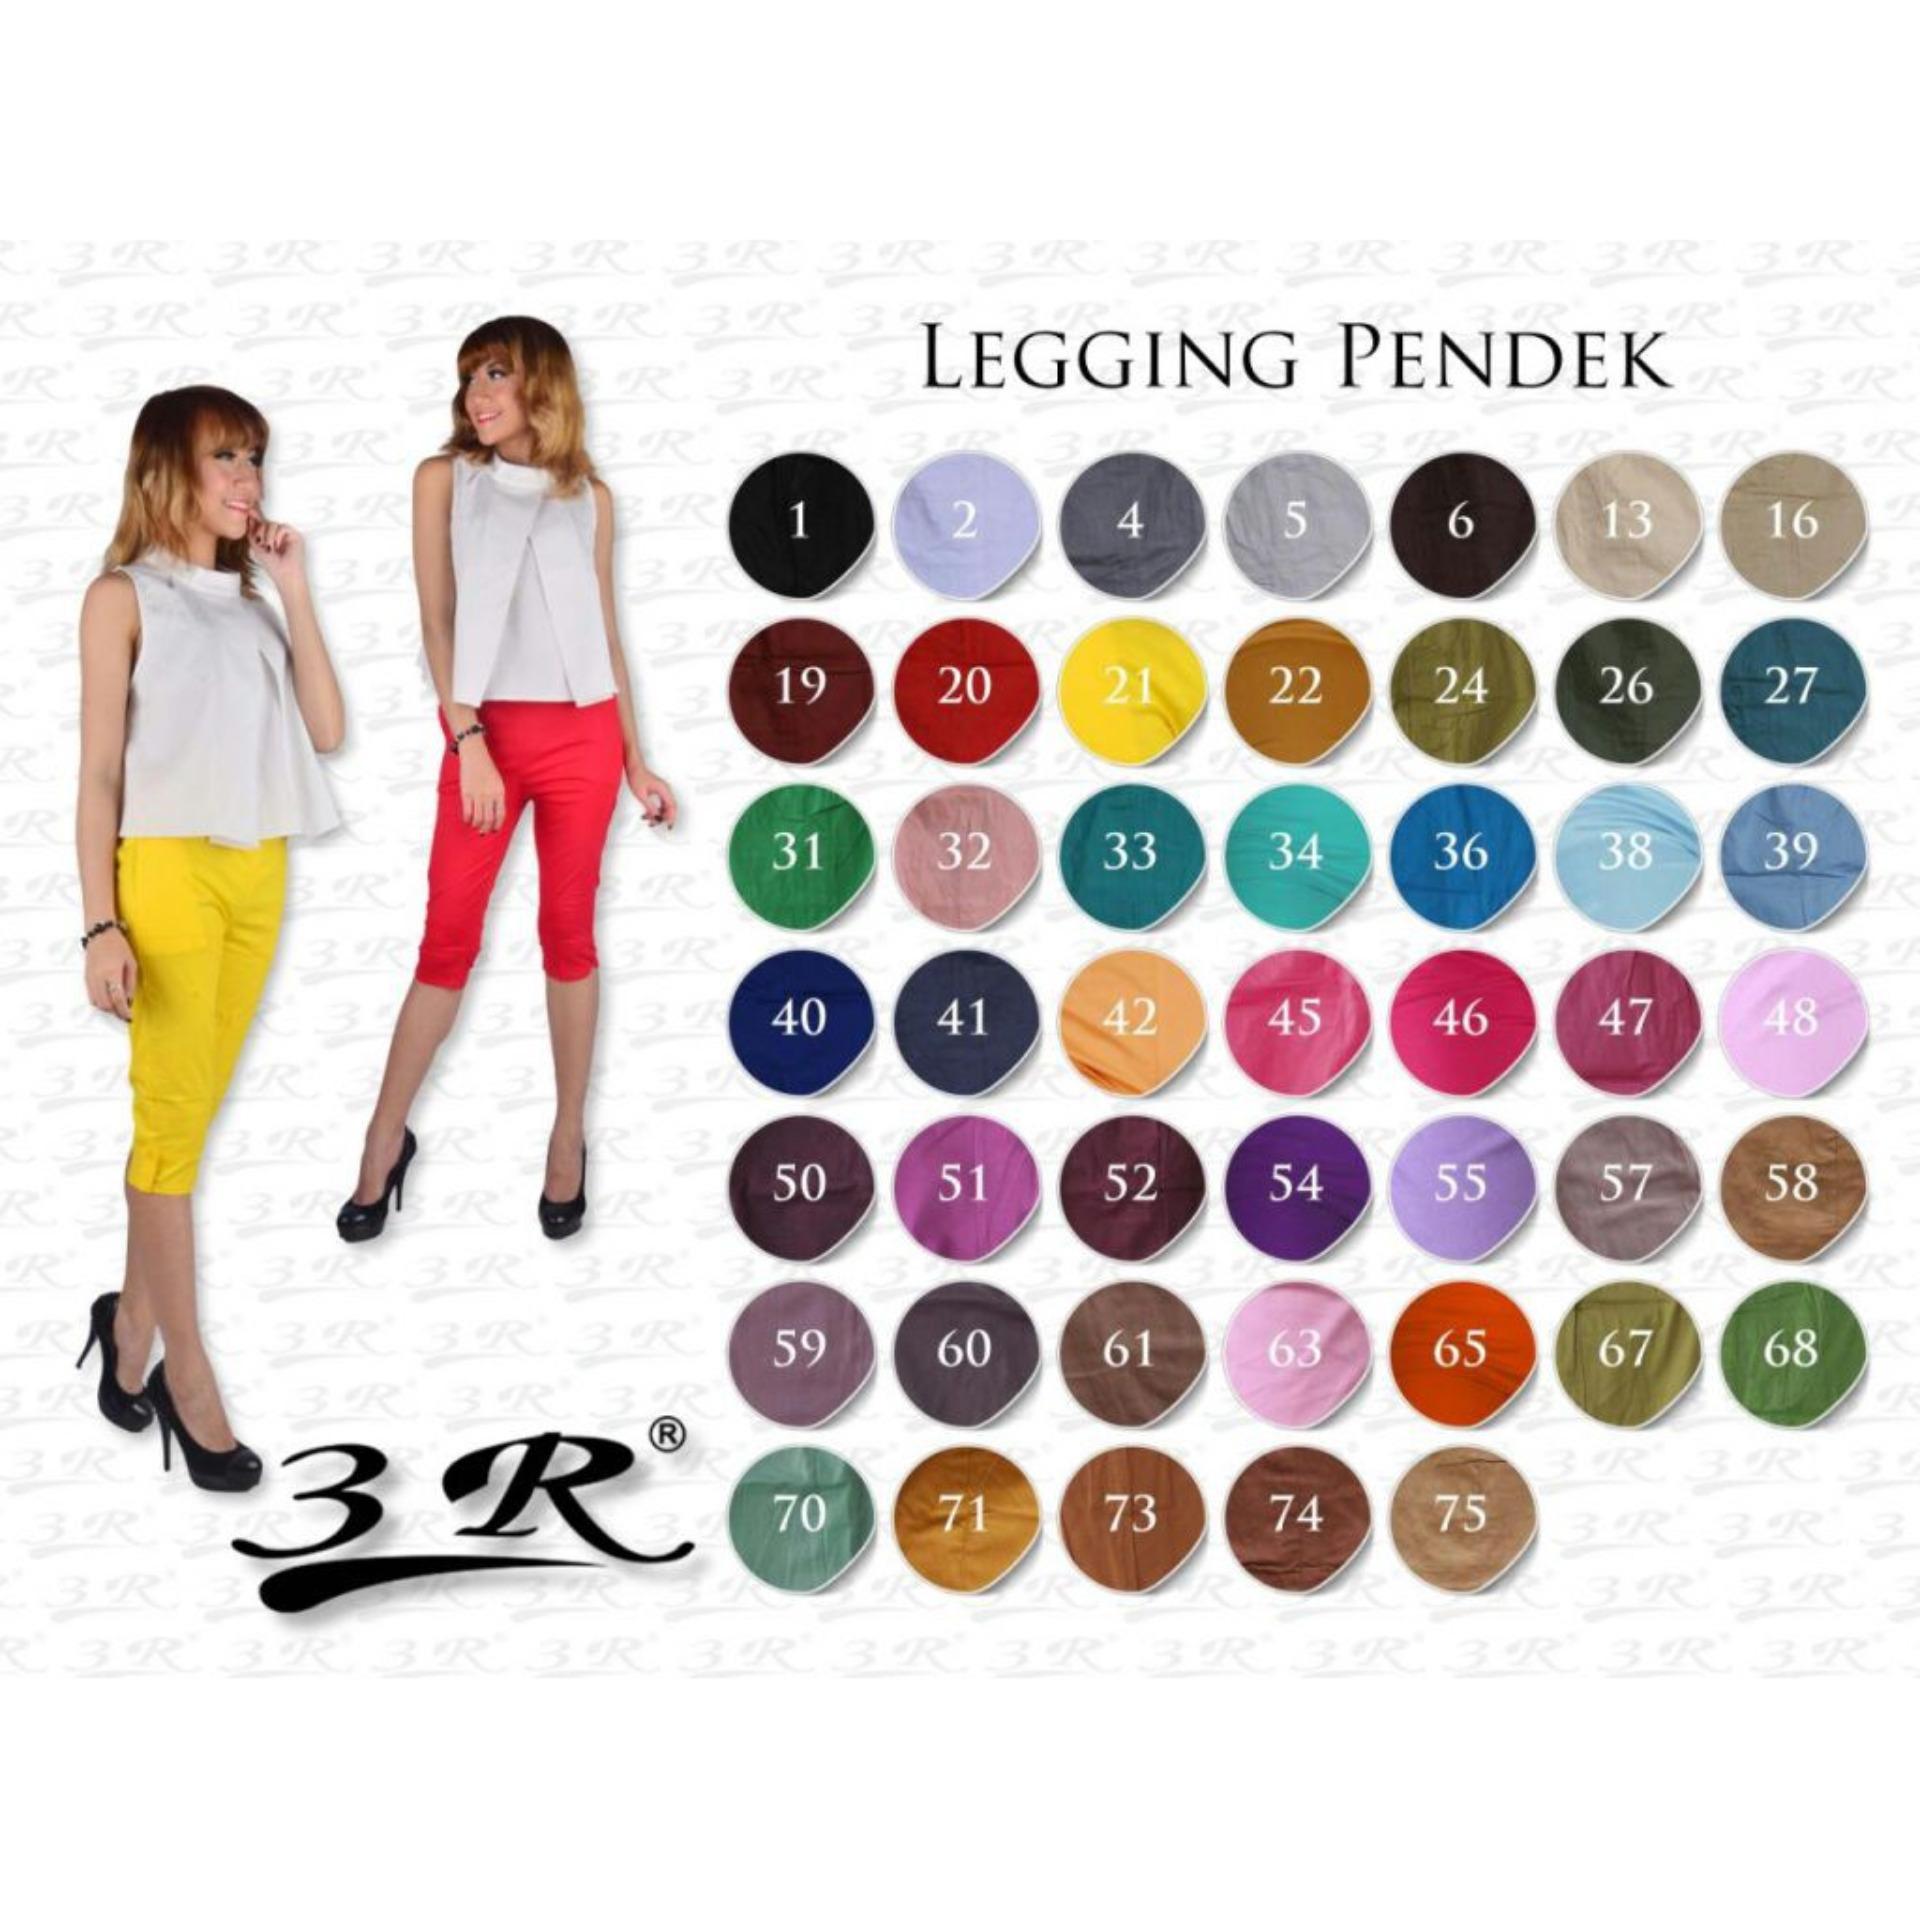 Toko Celana Katun 7 8 3R Celana Murah Laging Legging Celana Wanita Legging